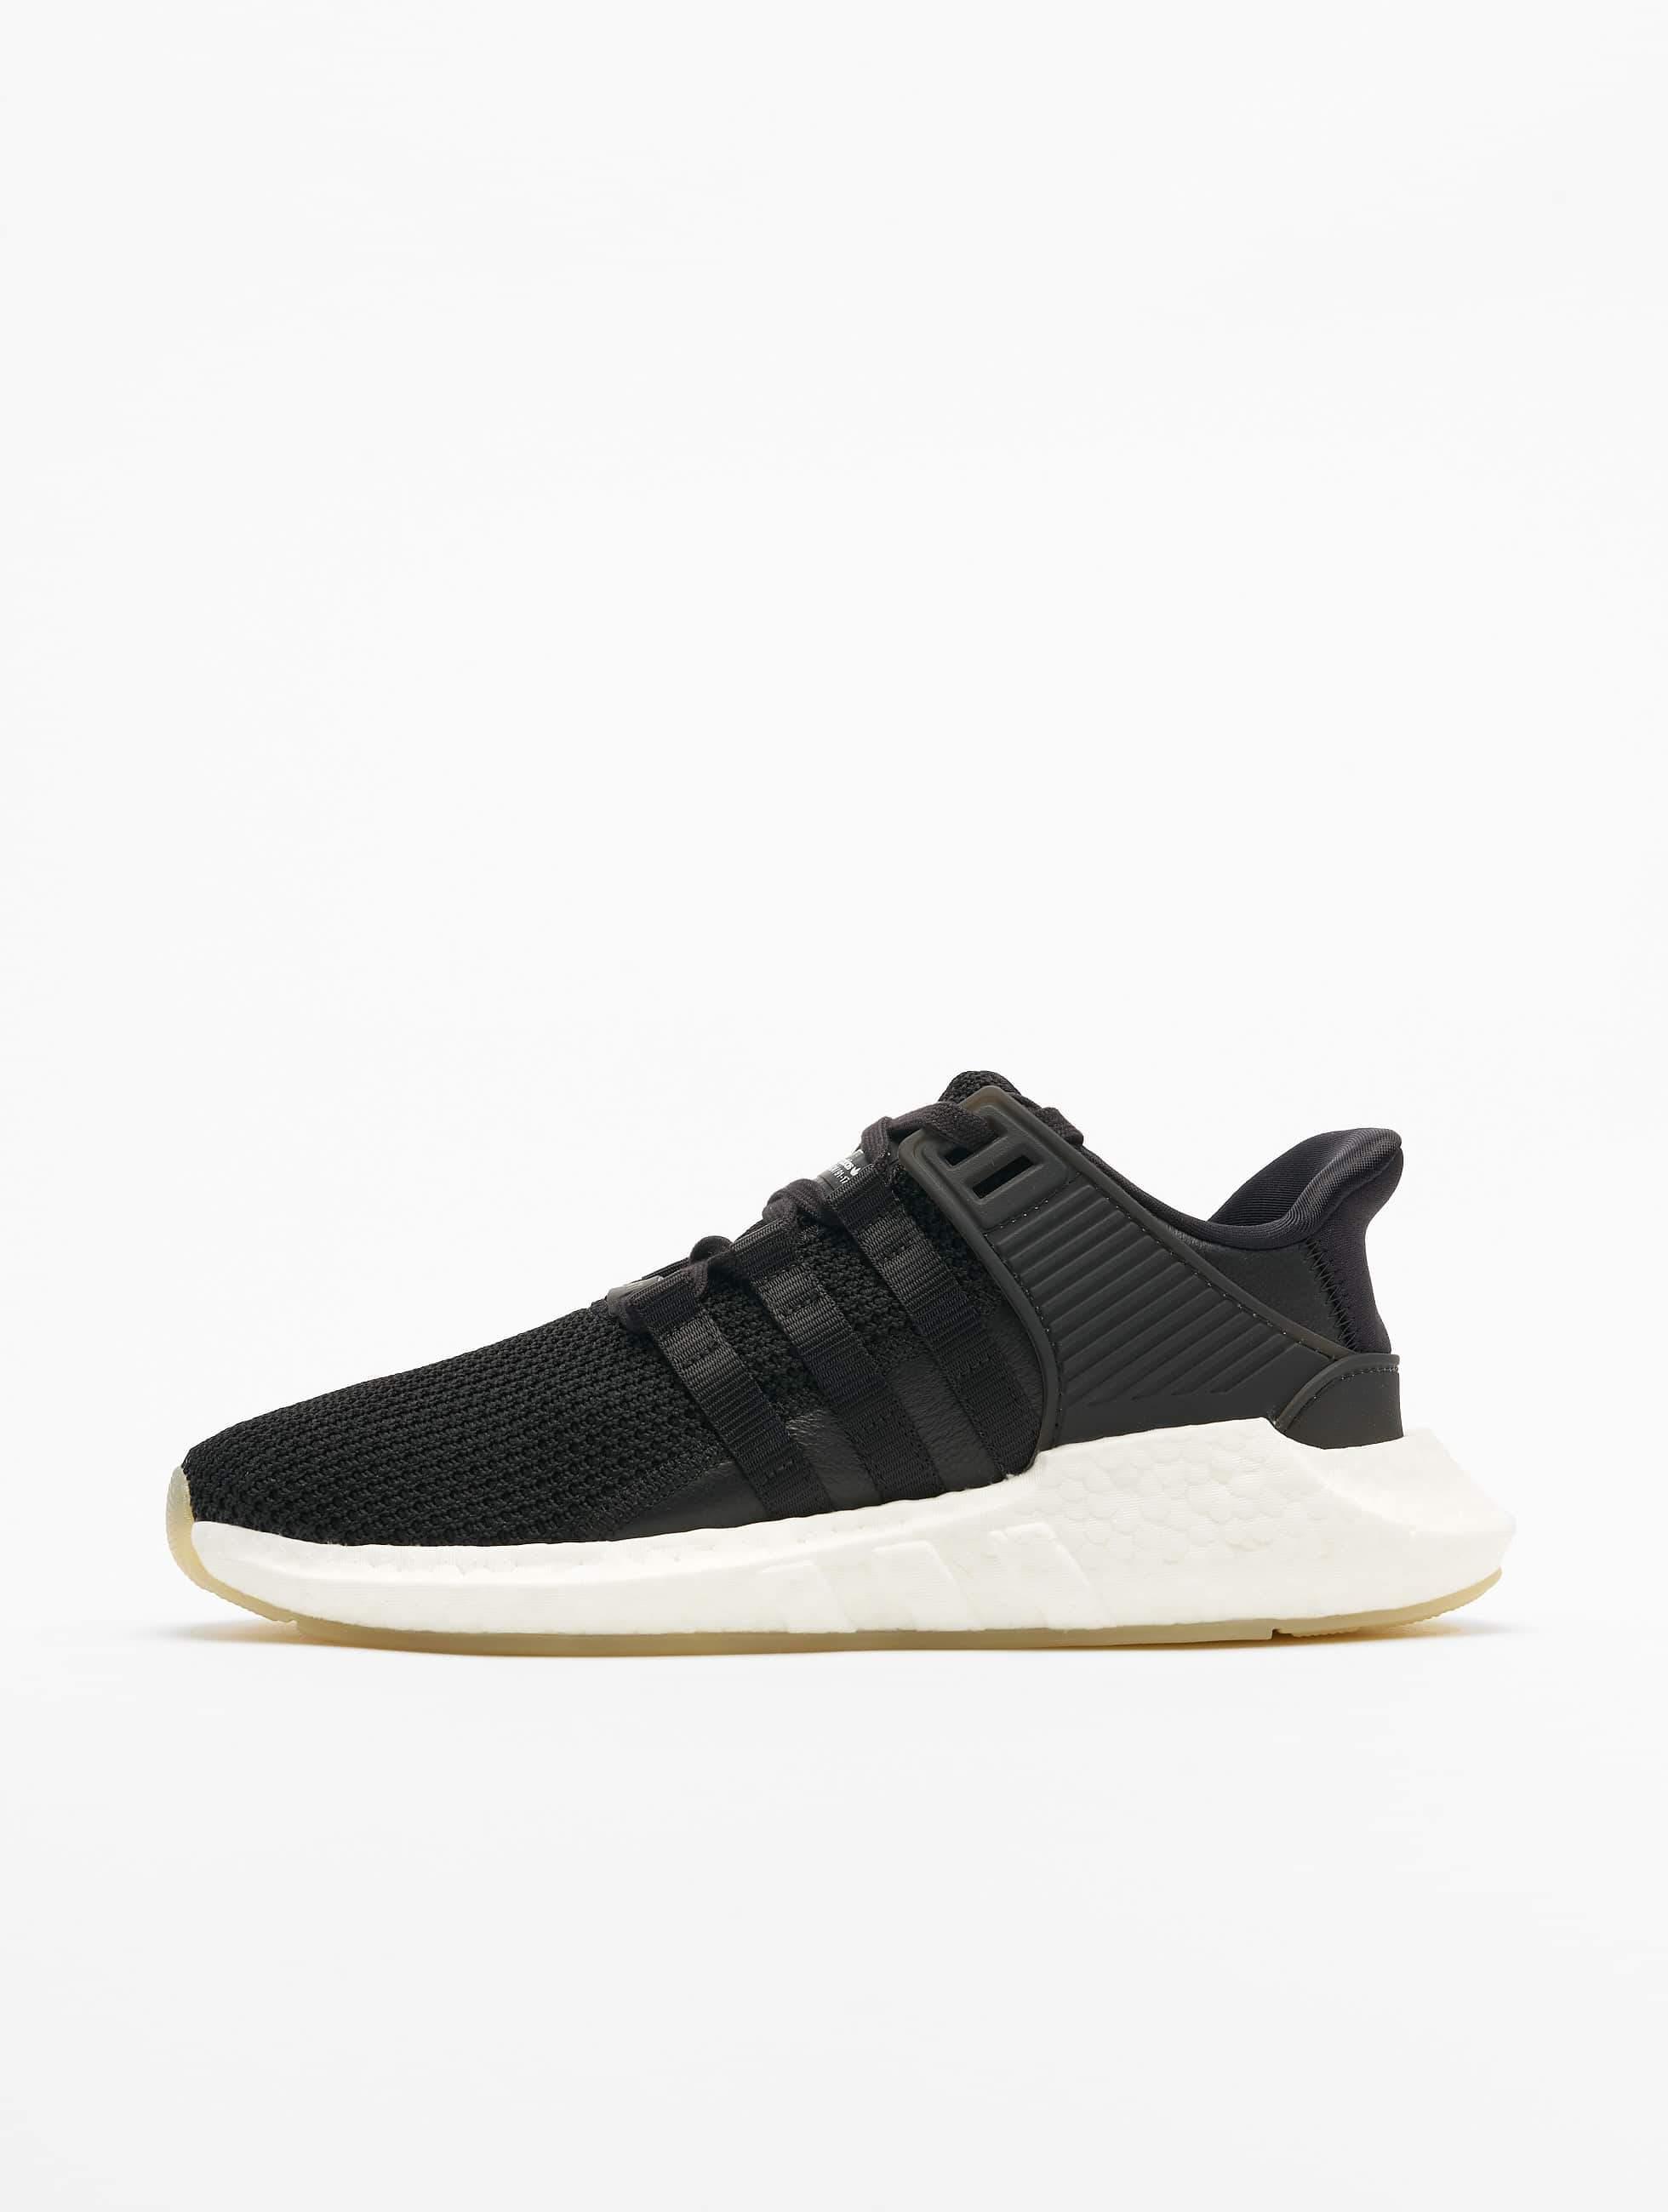 Adidas Eqt Support 9317 Black